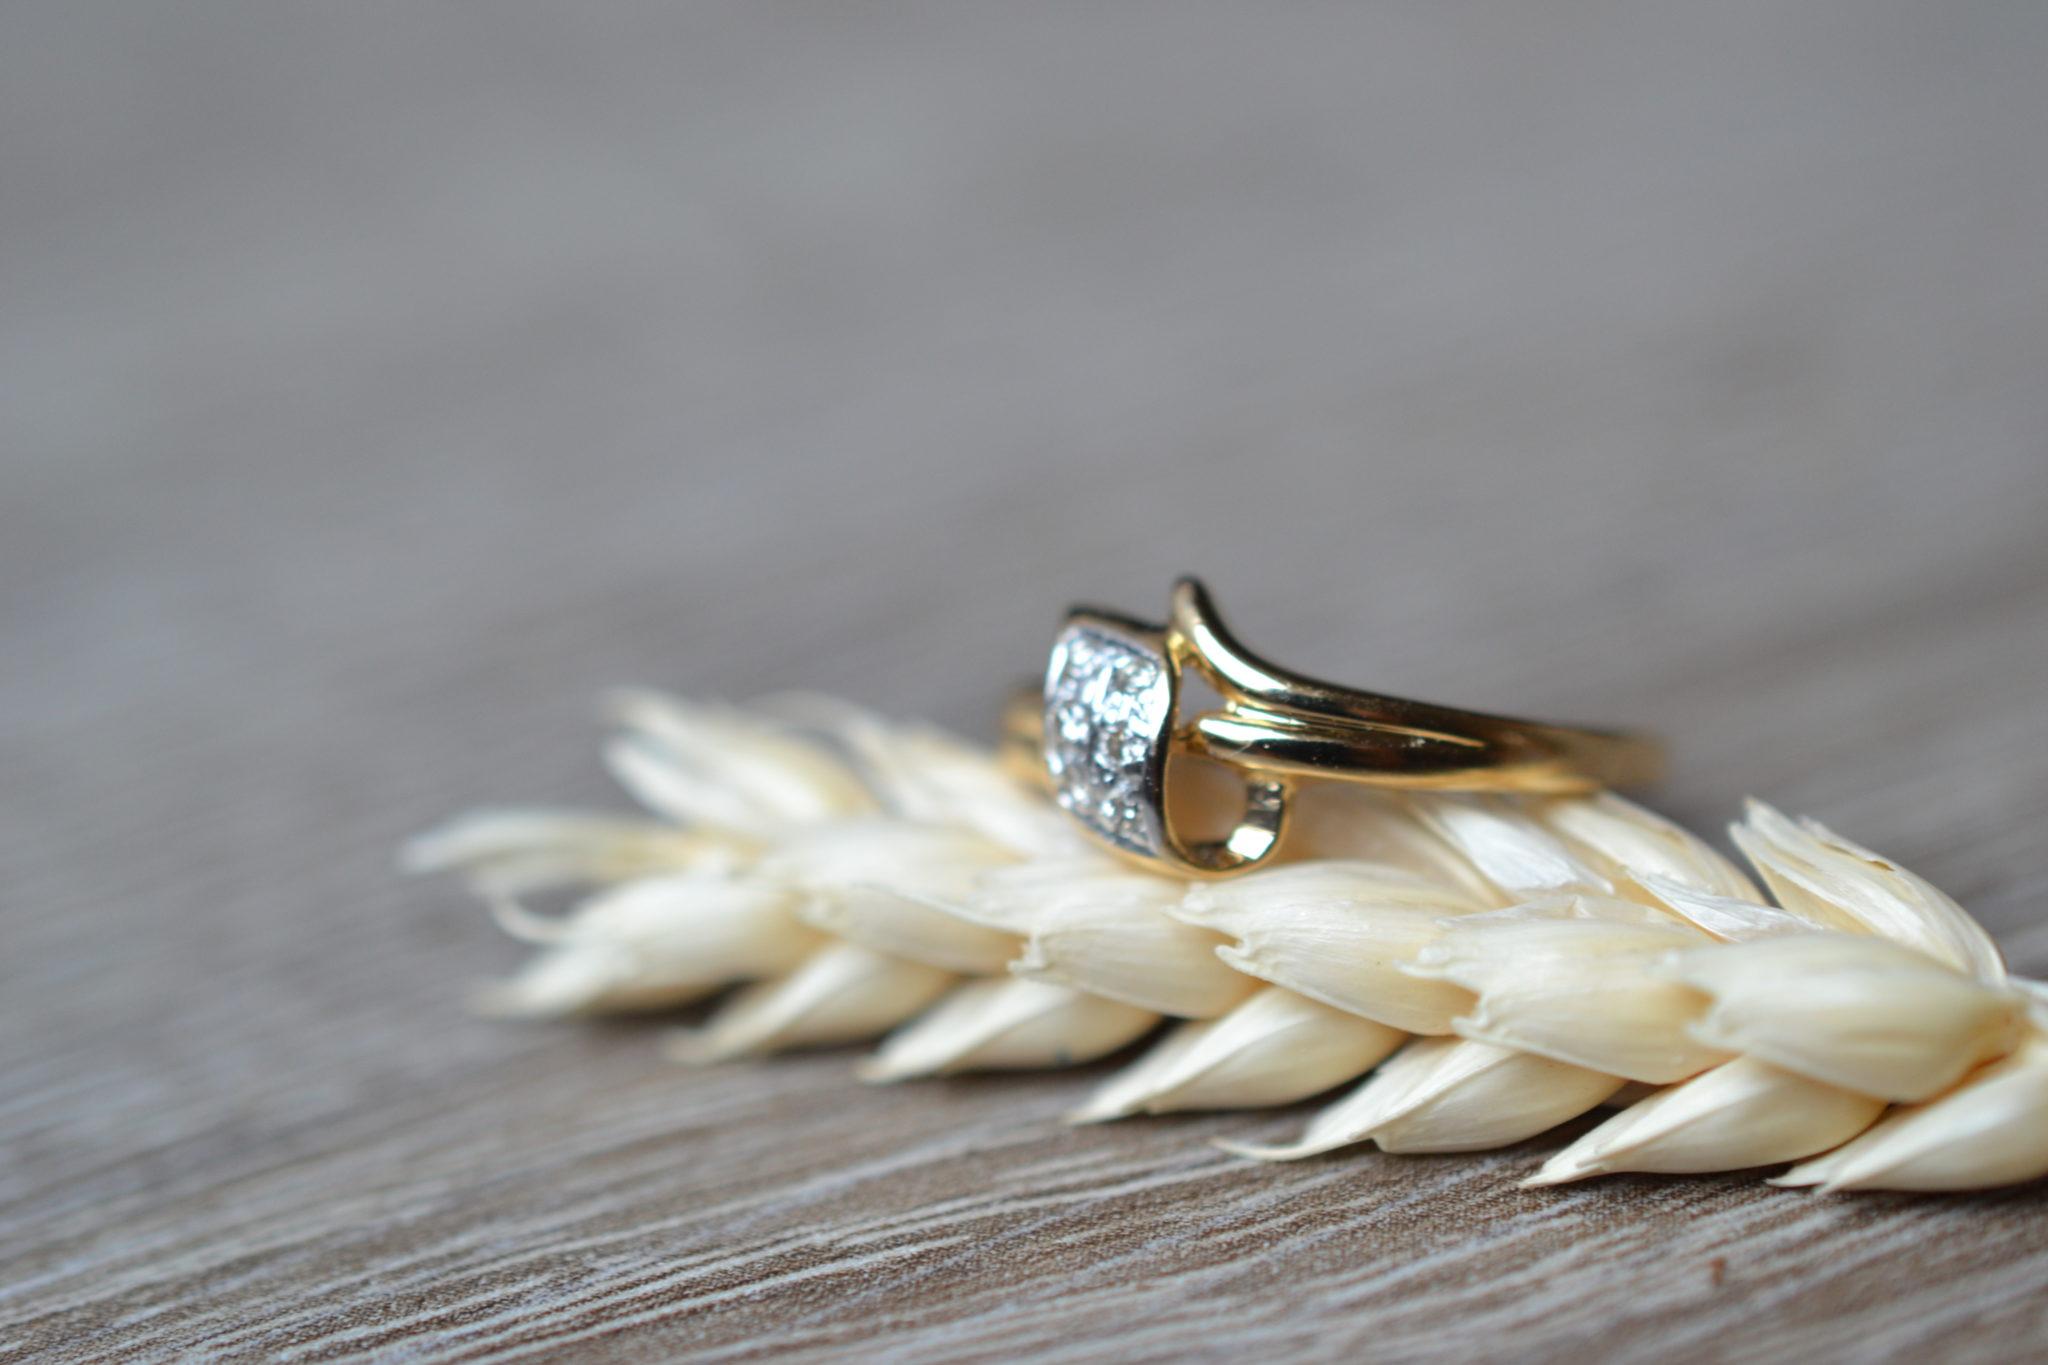 Bague or sertie de diamants bijou ancien